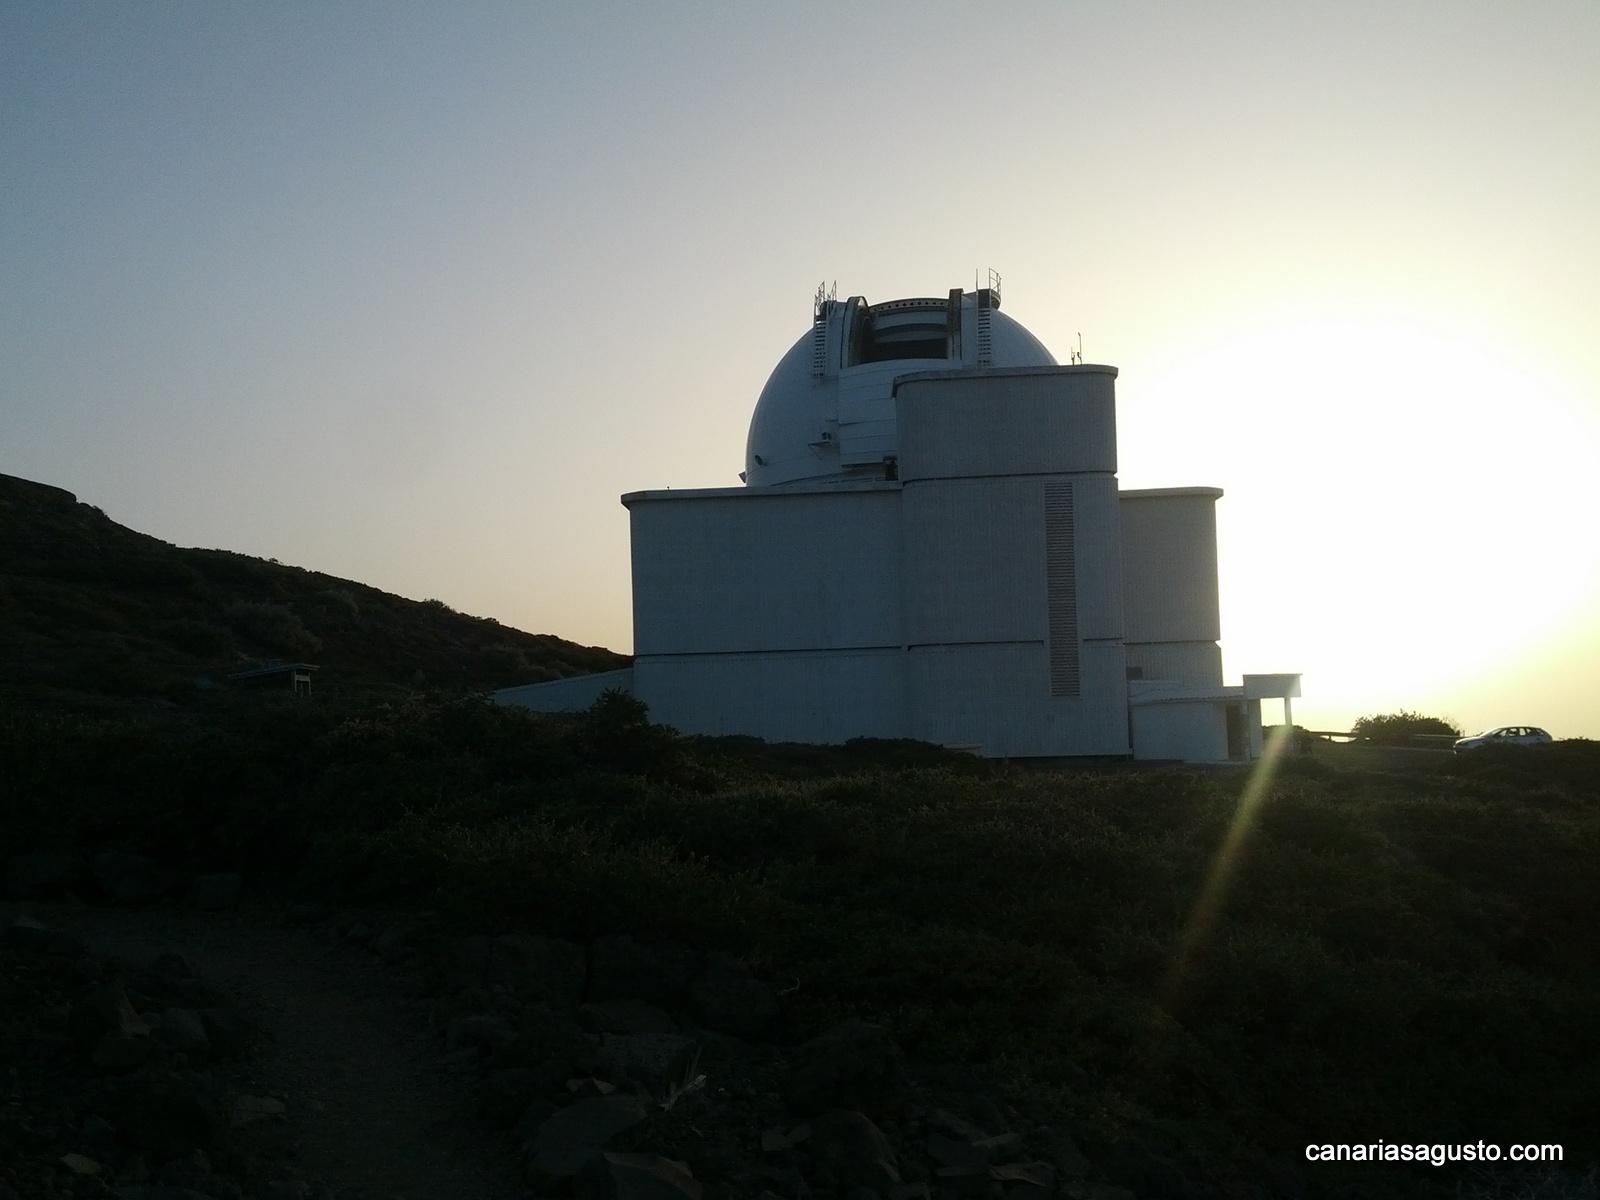 Astrofisico de La Palma